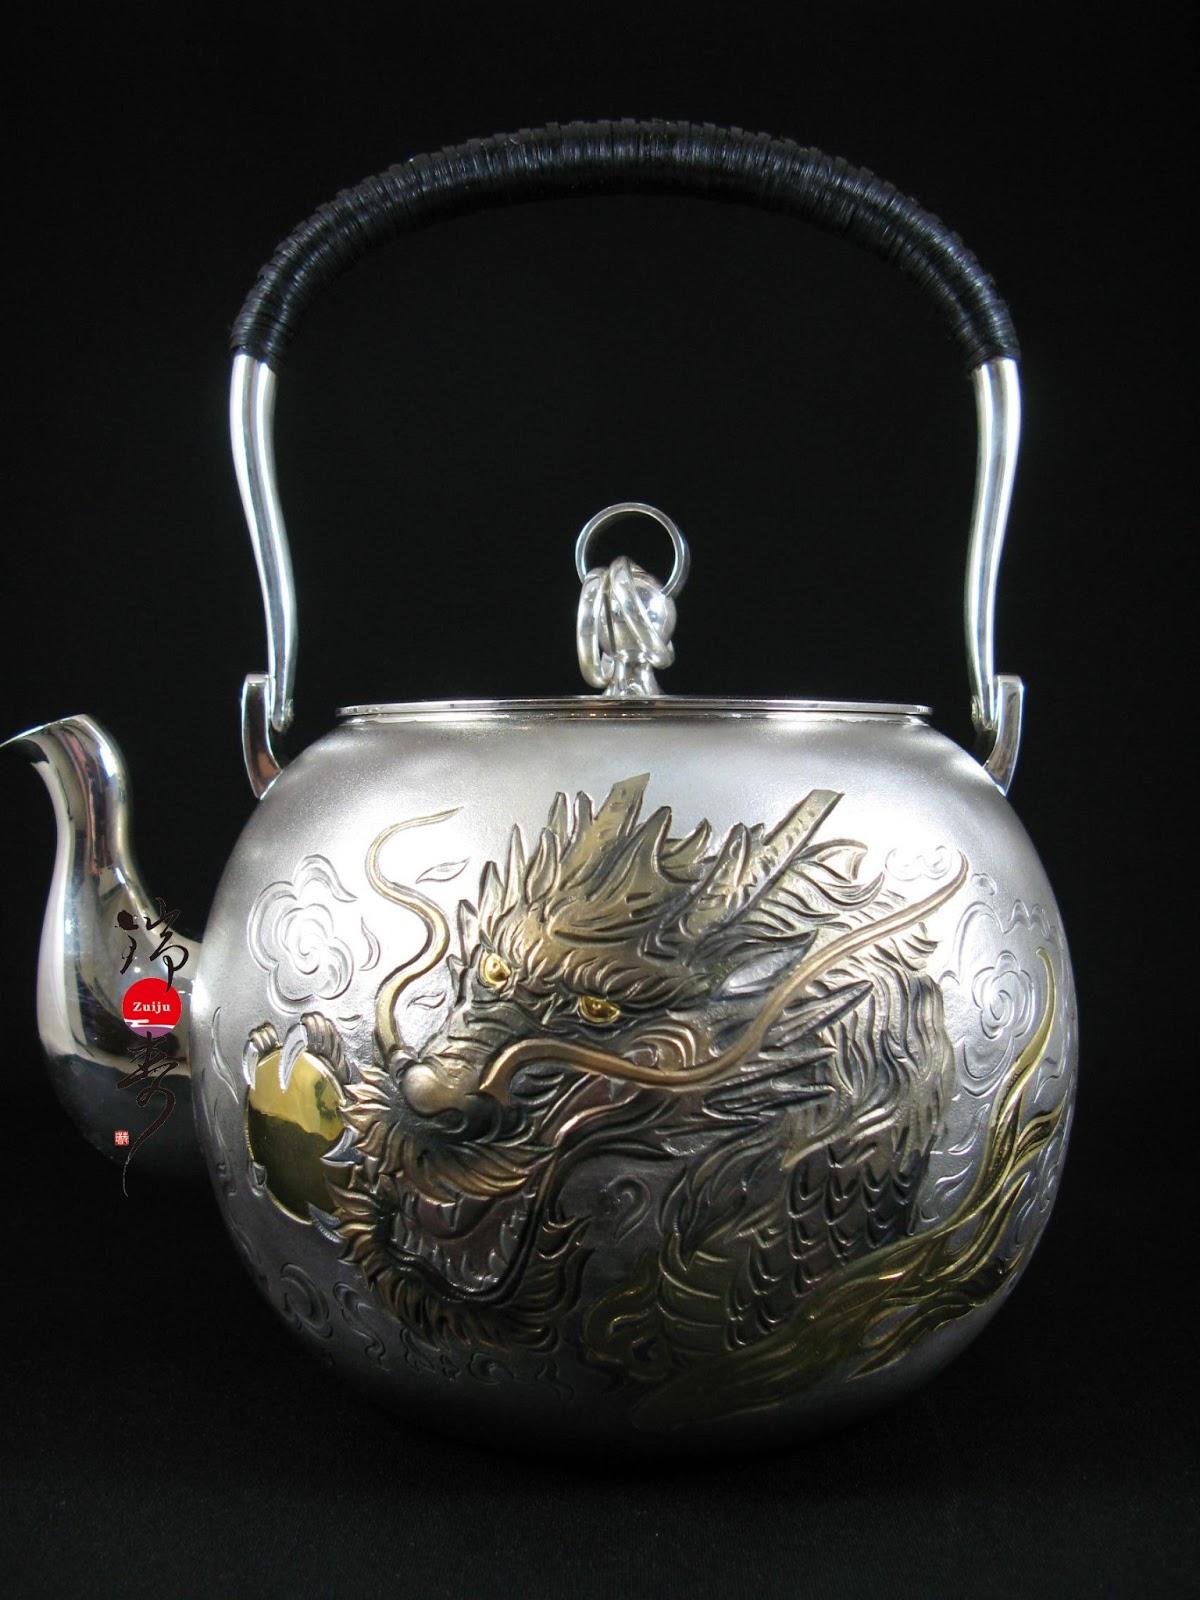 【日本工藝】日本銀壺,金壺的使用要點 ~ 瑞壽:藝術銀壺工藝專家